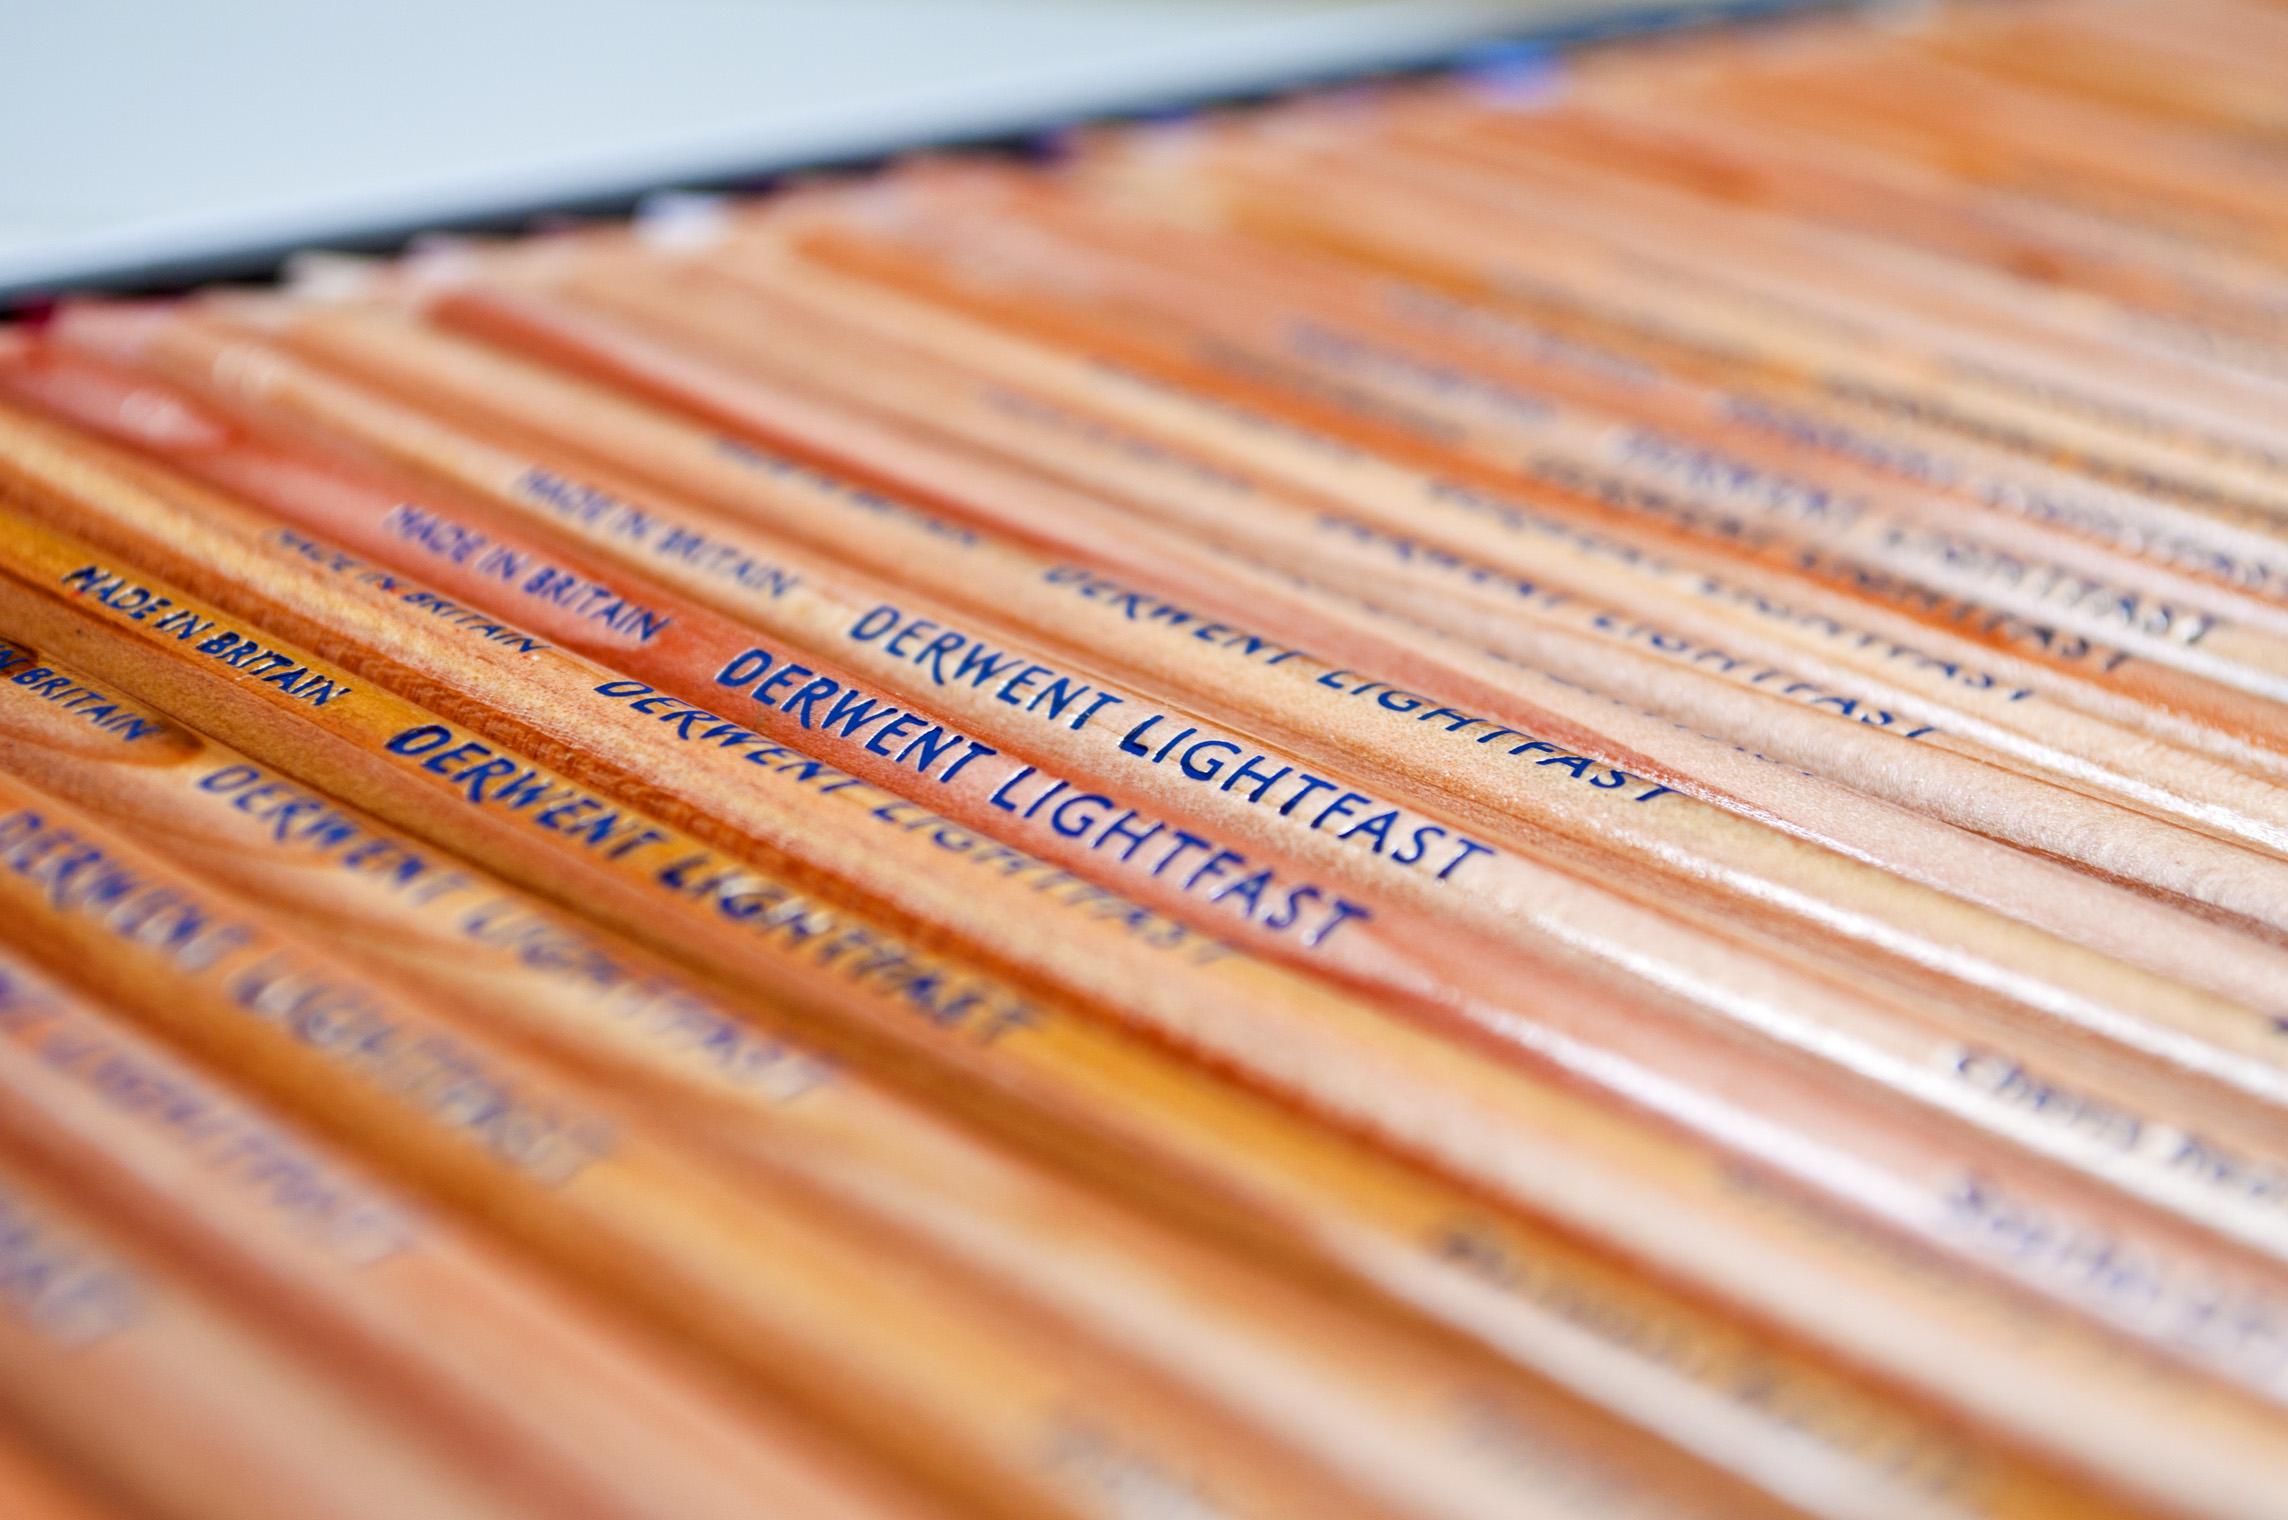 Derwent Lightfast Pencils.jpg